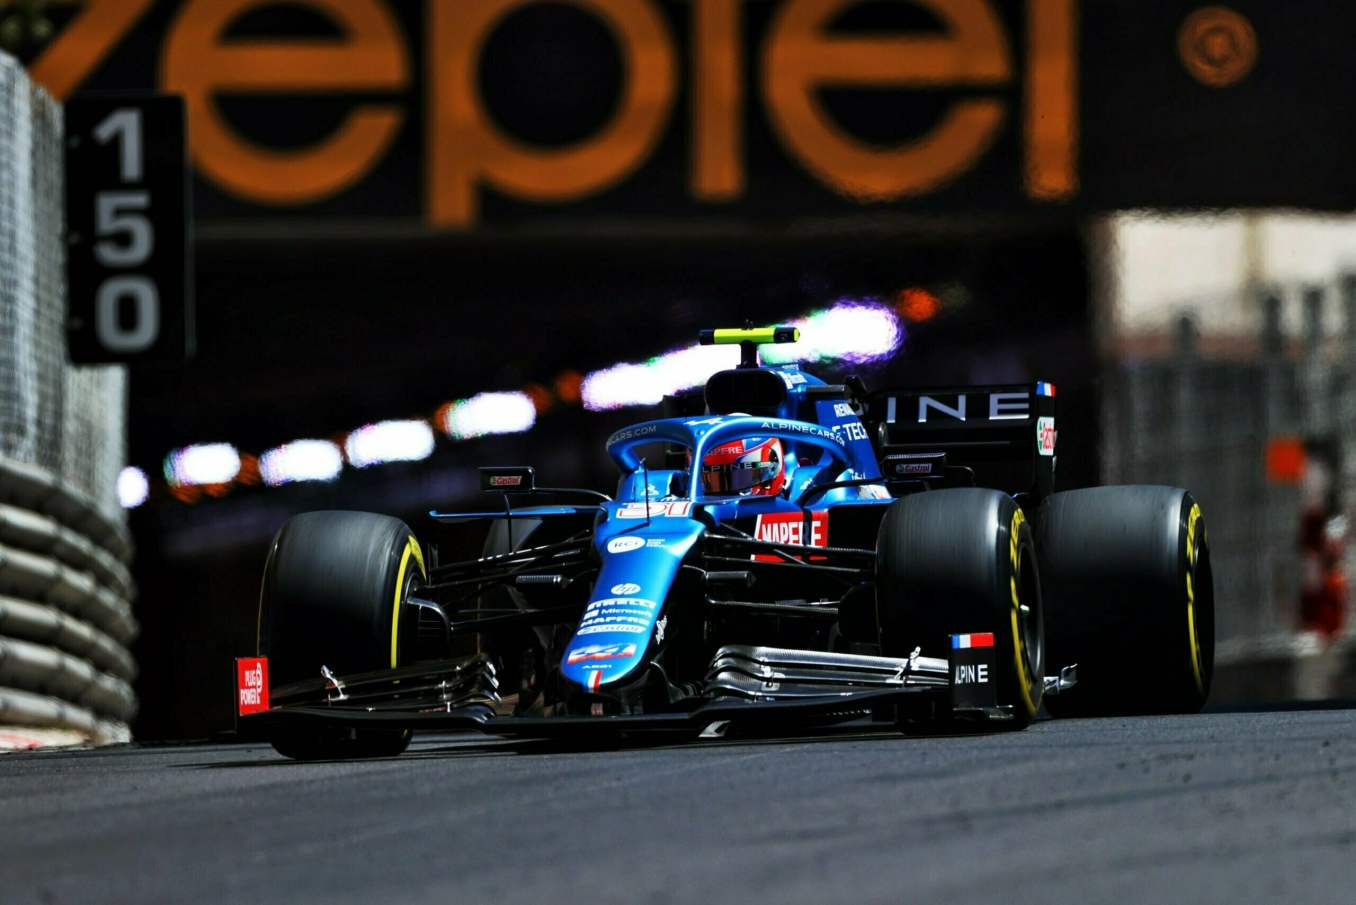 Alpine F1 Qualifications A521 Monaco Alonso Ocon 2021 - 32